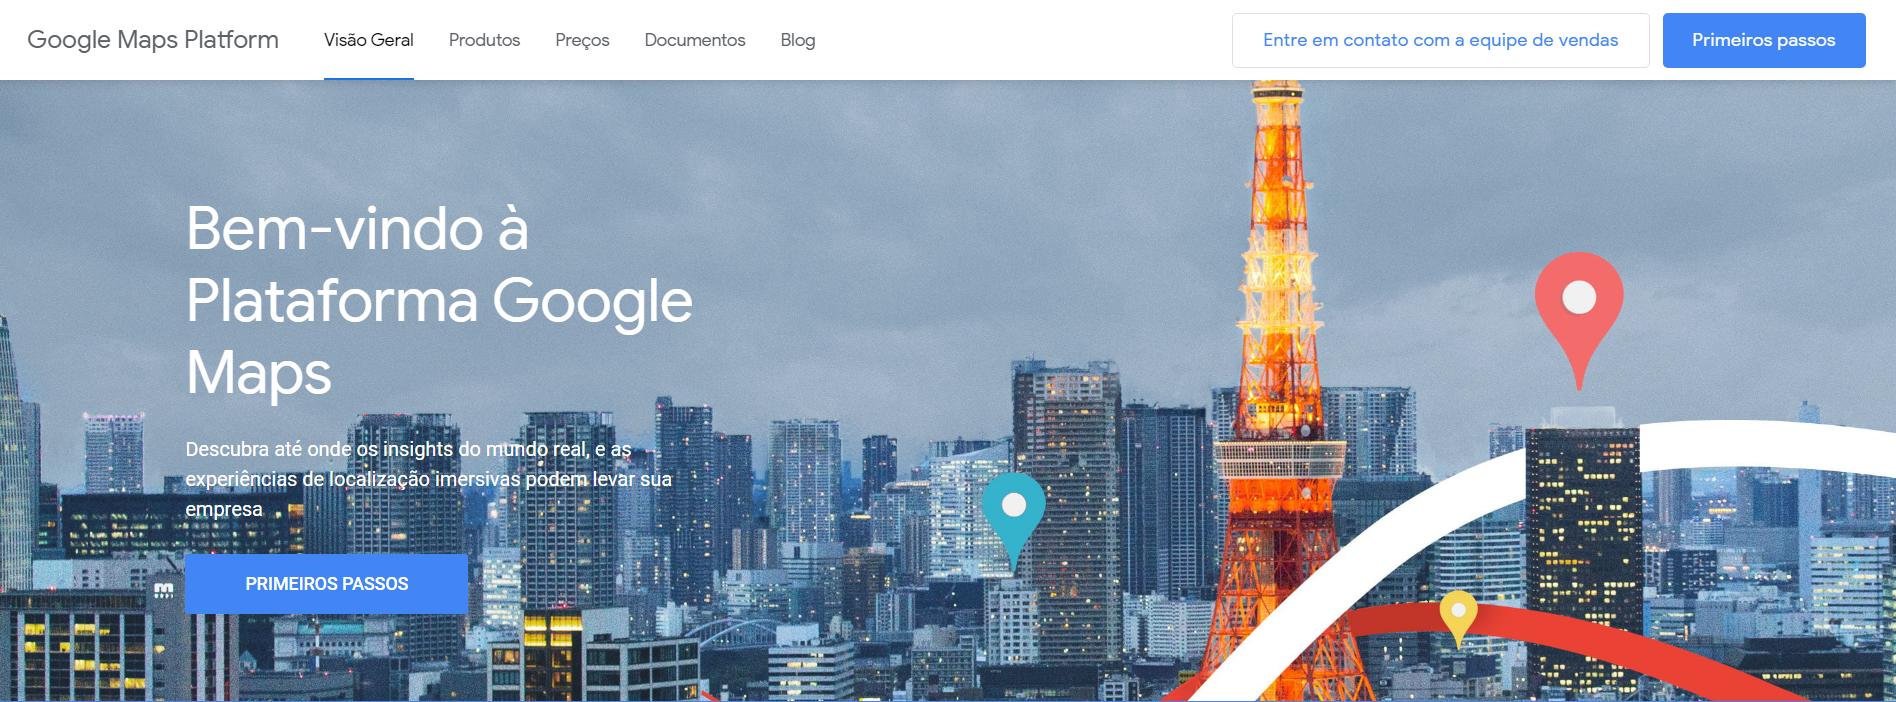 13 Ferramentas do Google Que Todo o Website Deve Usar 10